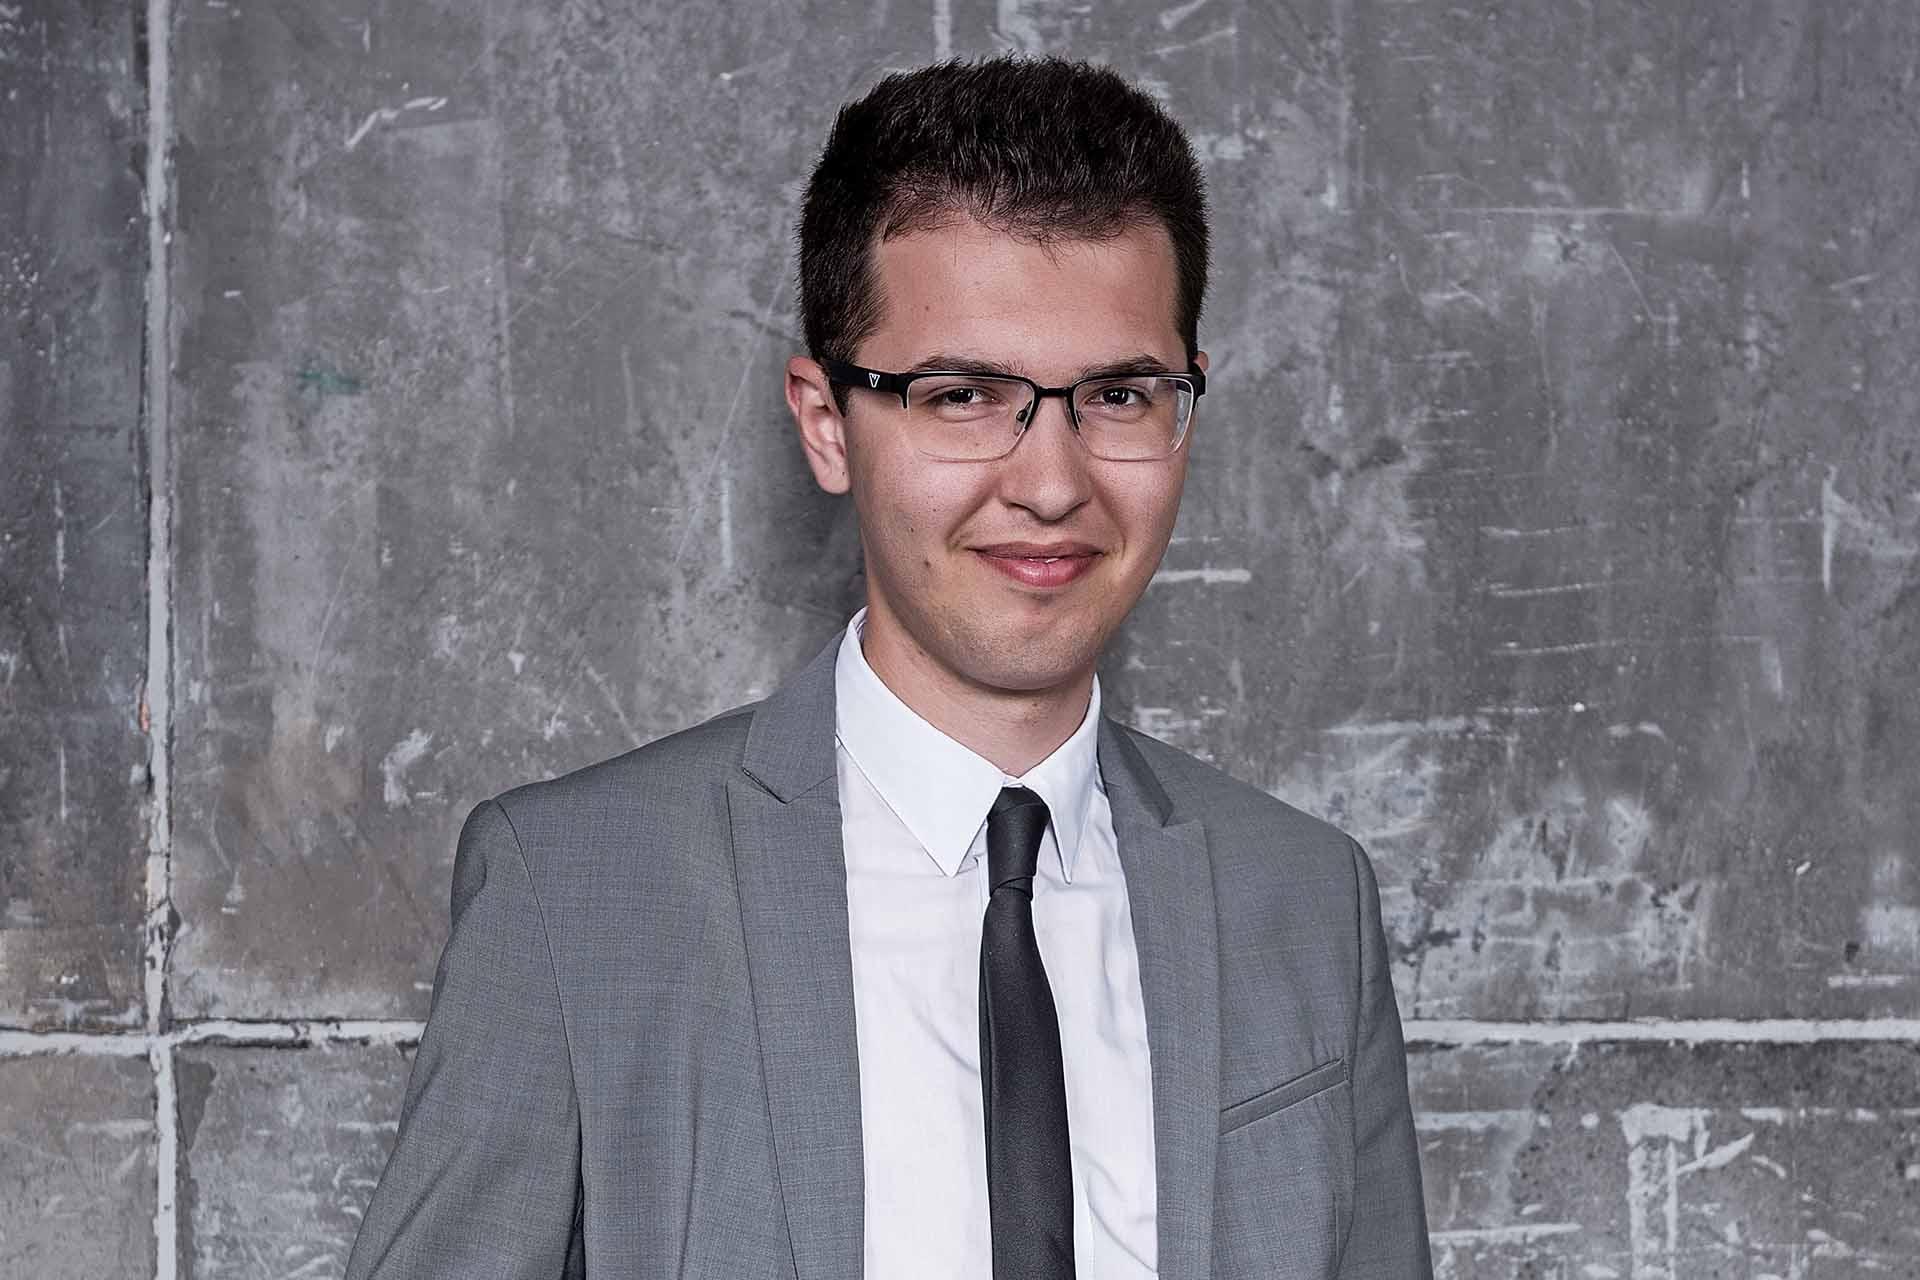 Карен Мусаелян. Юрист, патентный поверенный, старший партнер юридической фирмы «Патент Лаб»